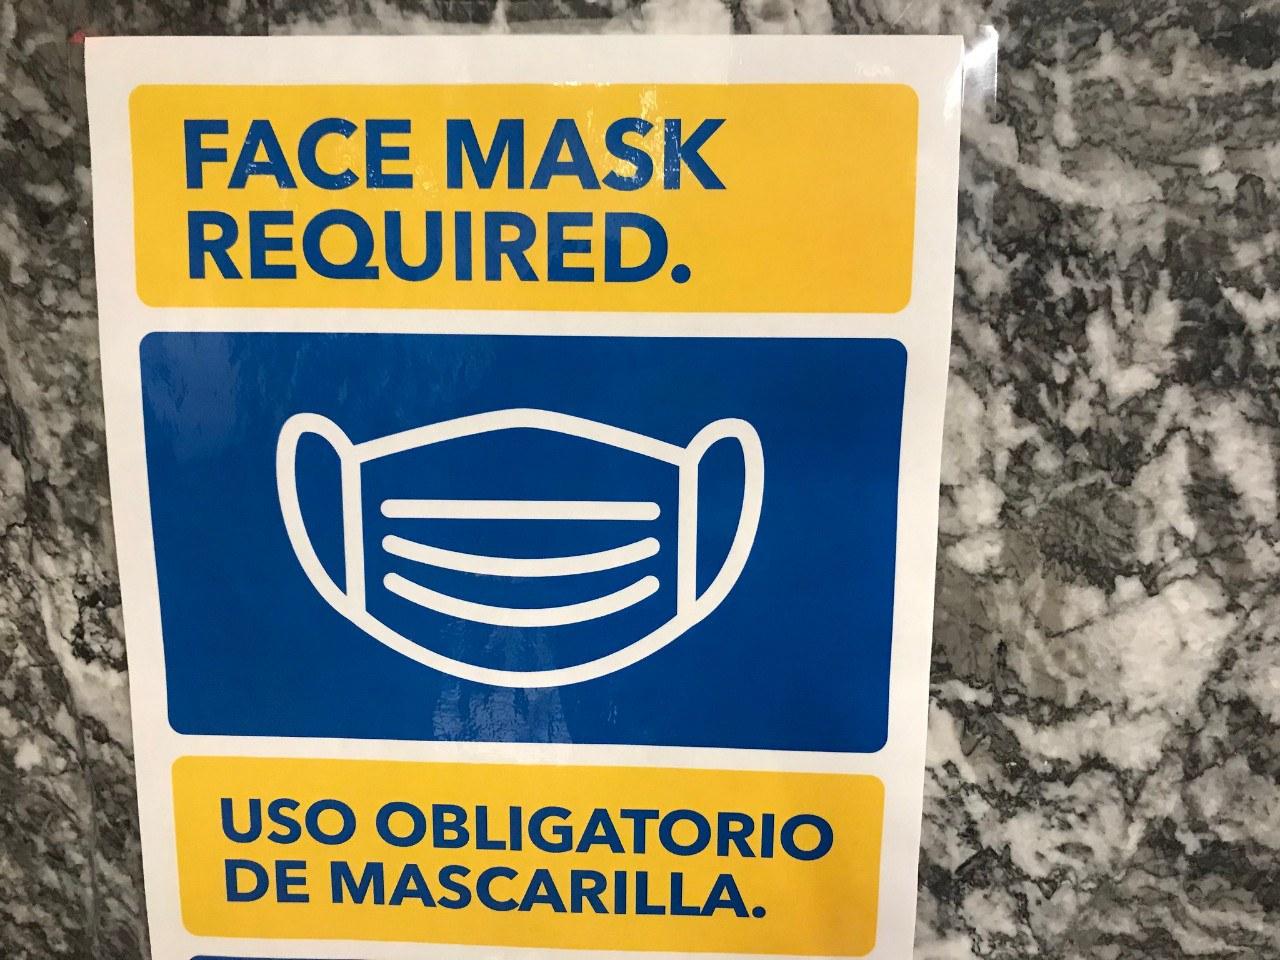 ¿Las mascarillas también protegen contra la contaminación atmosférica? No todas